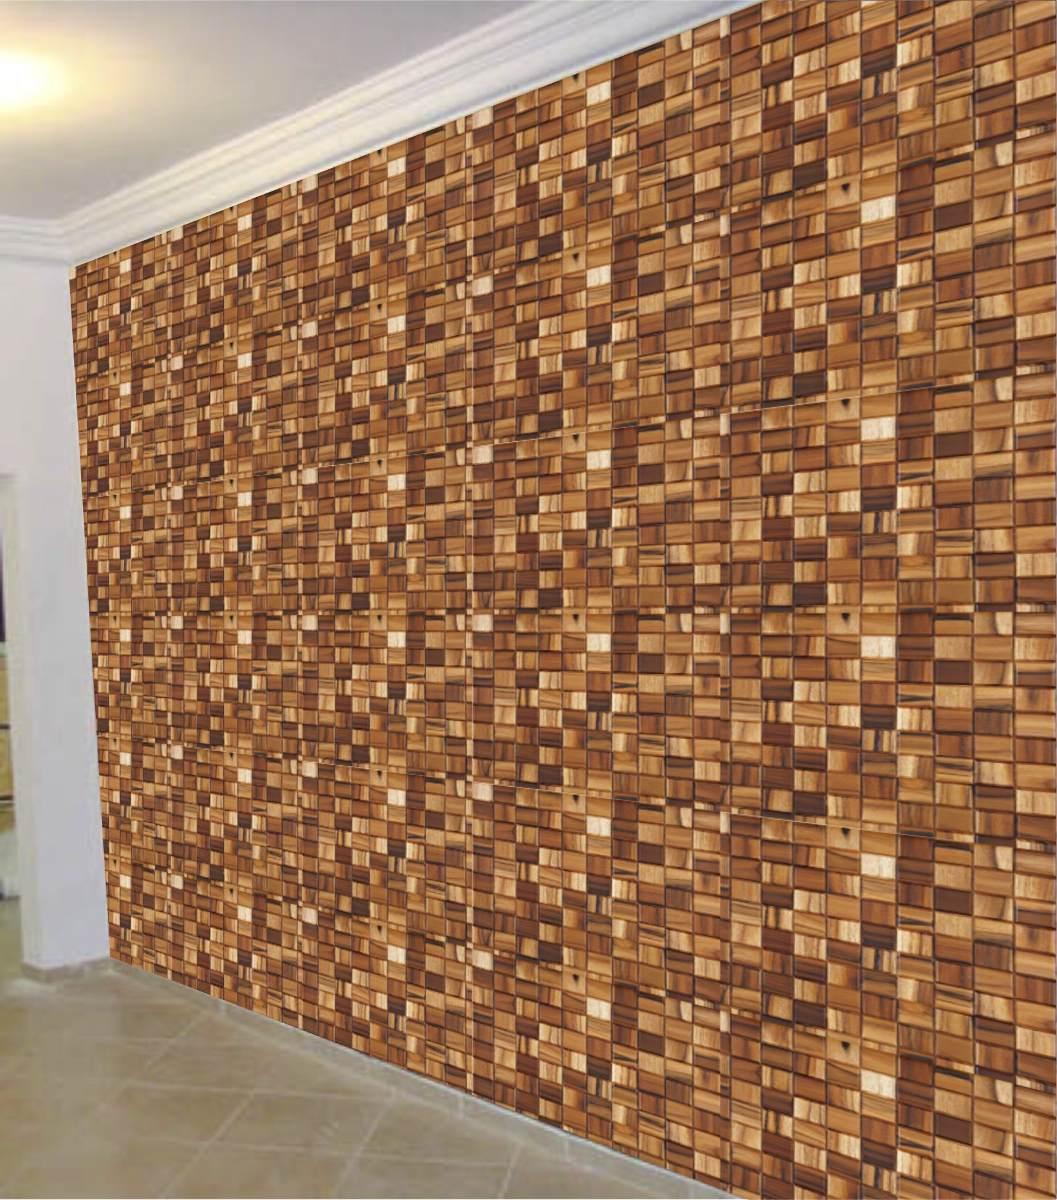 Adesivo De Parede Textura Fosca Madeira Decorativo R$ 9 90 em  #73462D 1057x1200